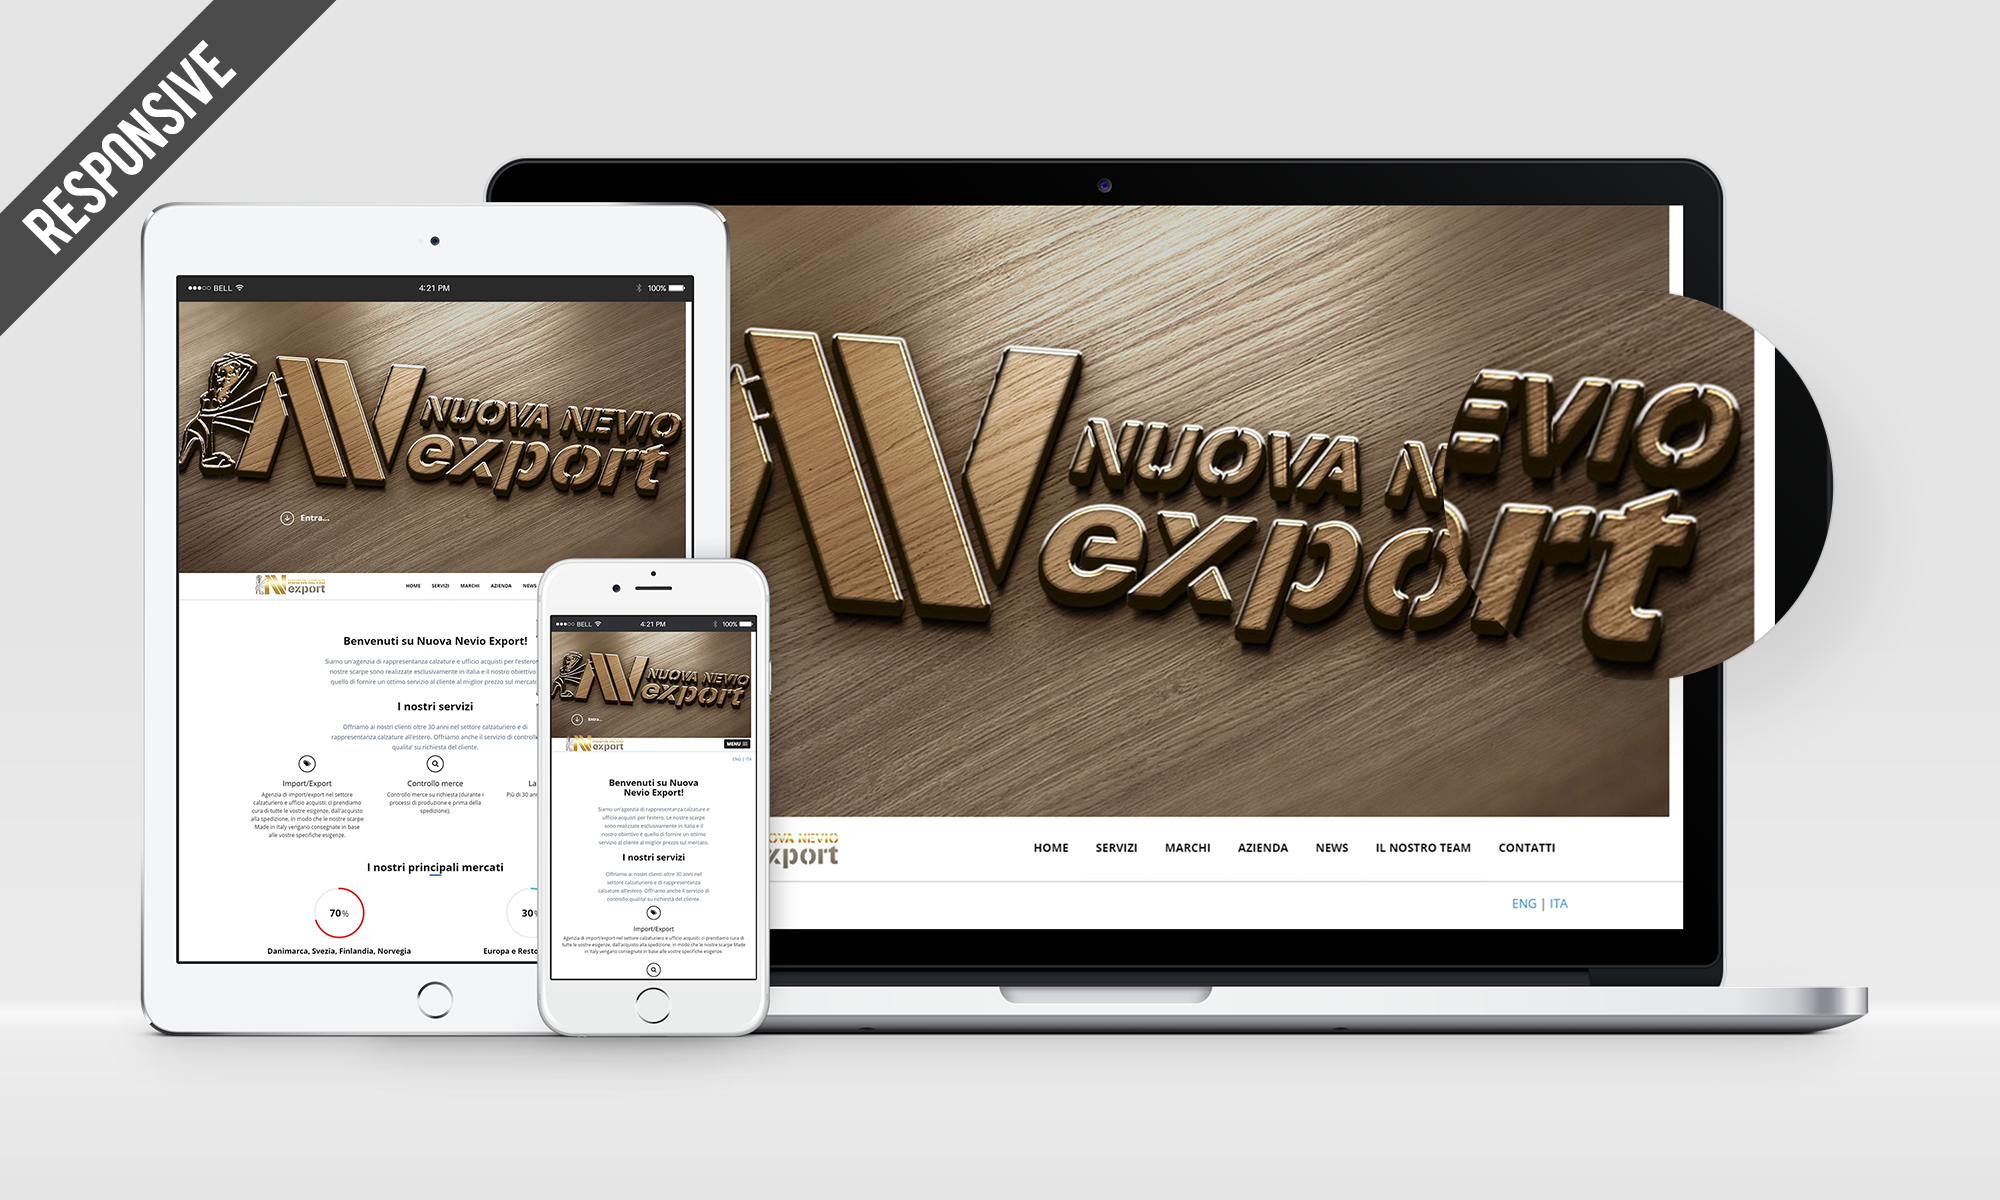 NuovaNevioExport-Responsive